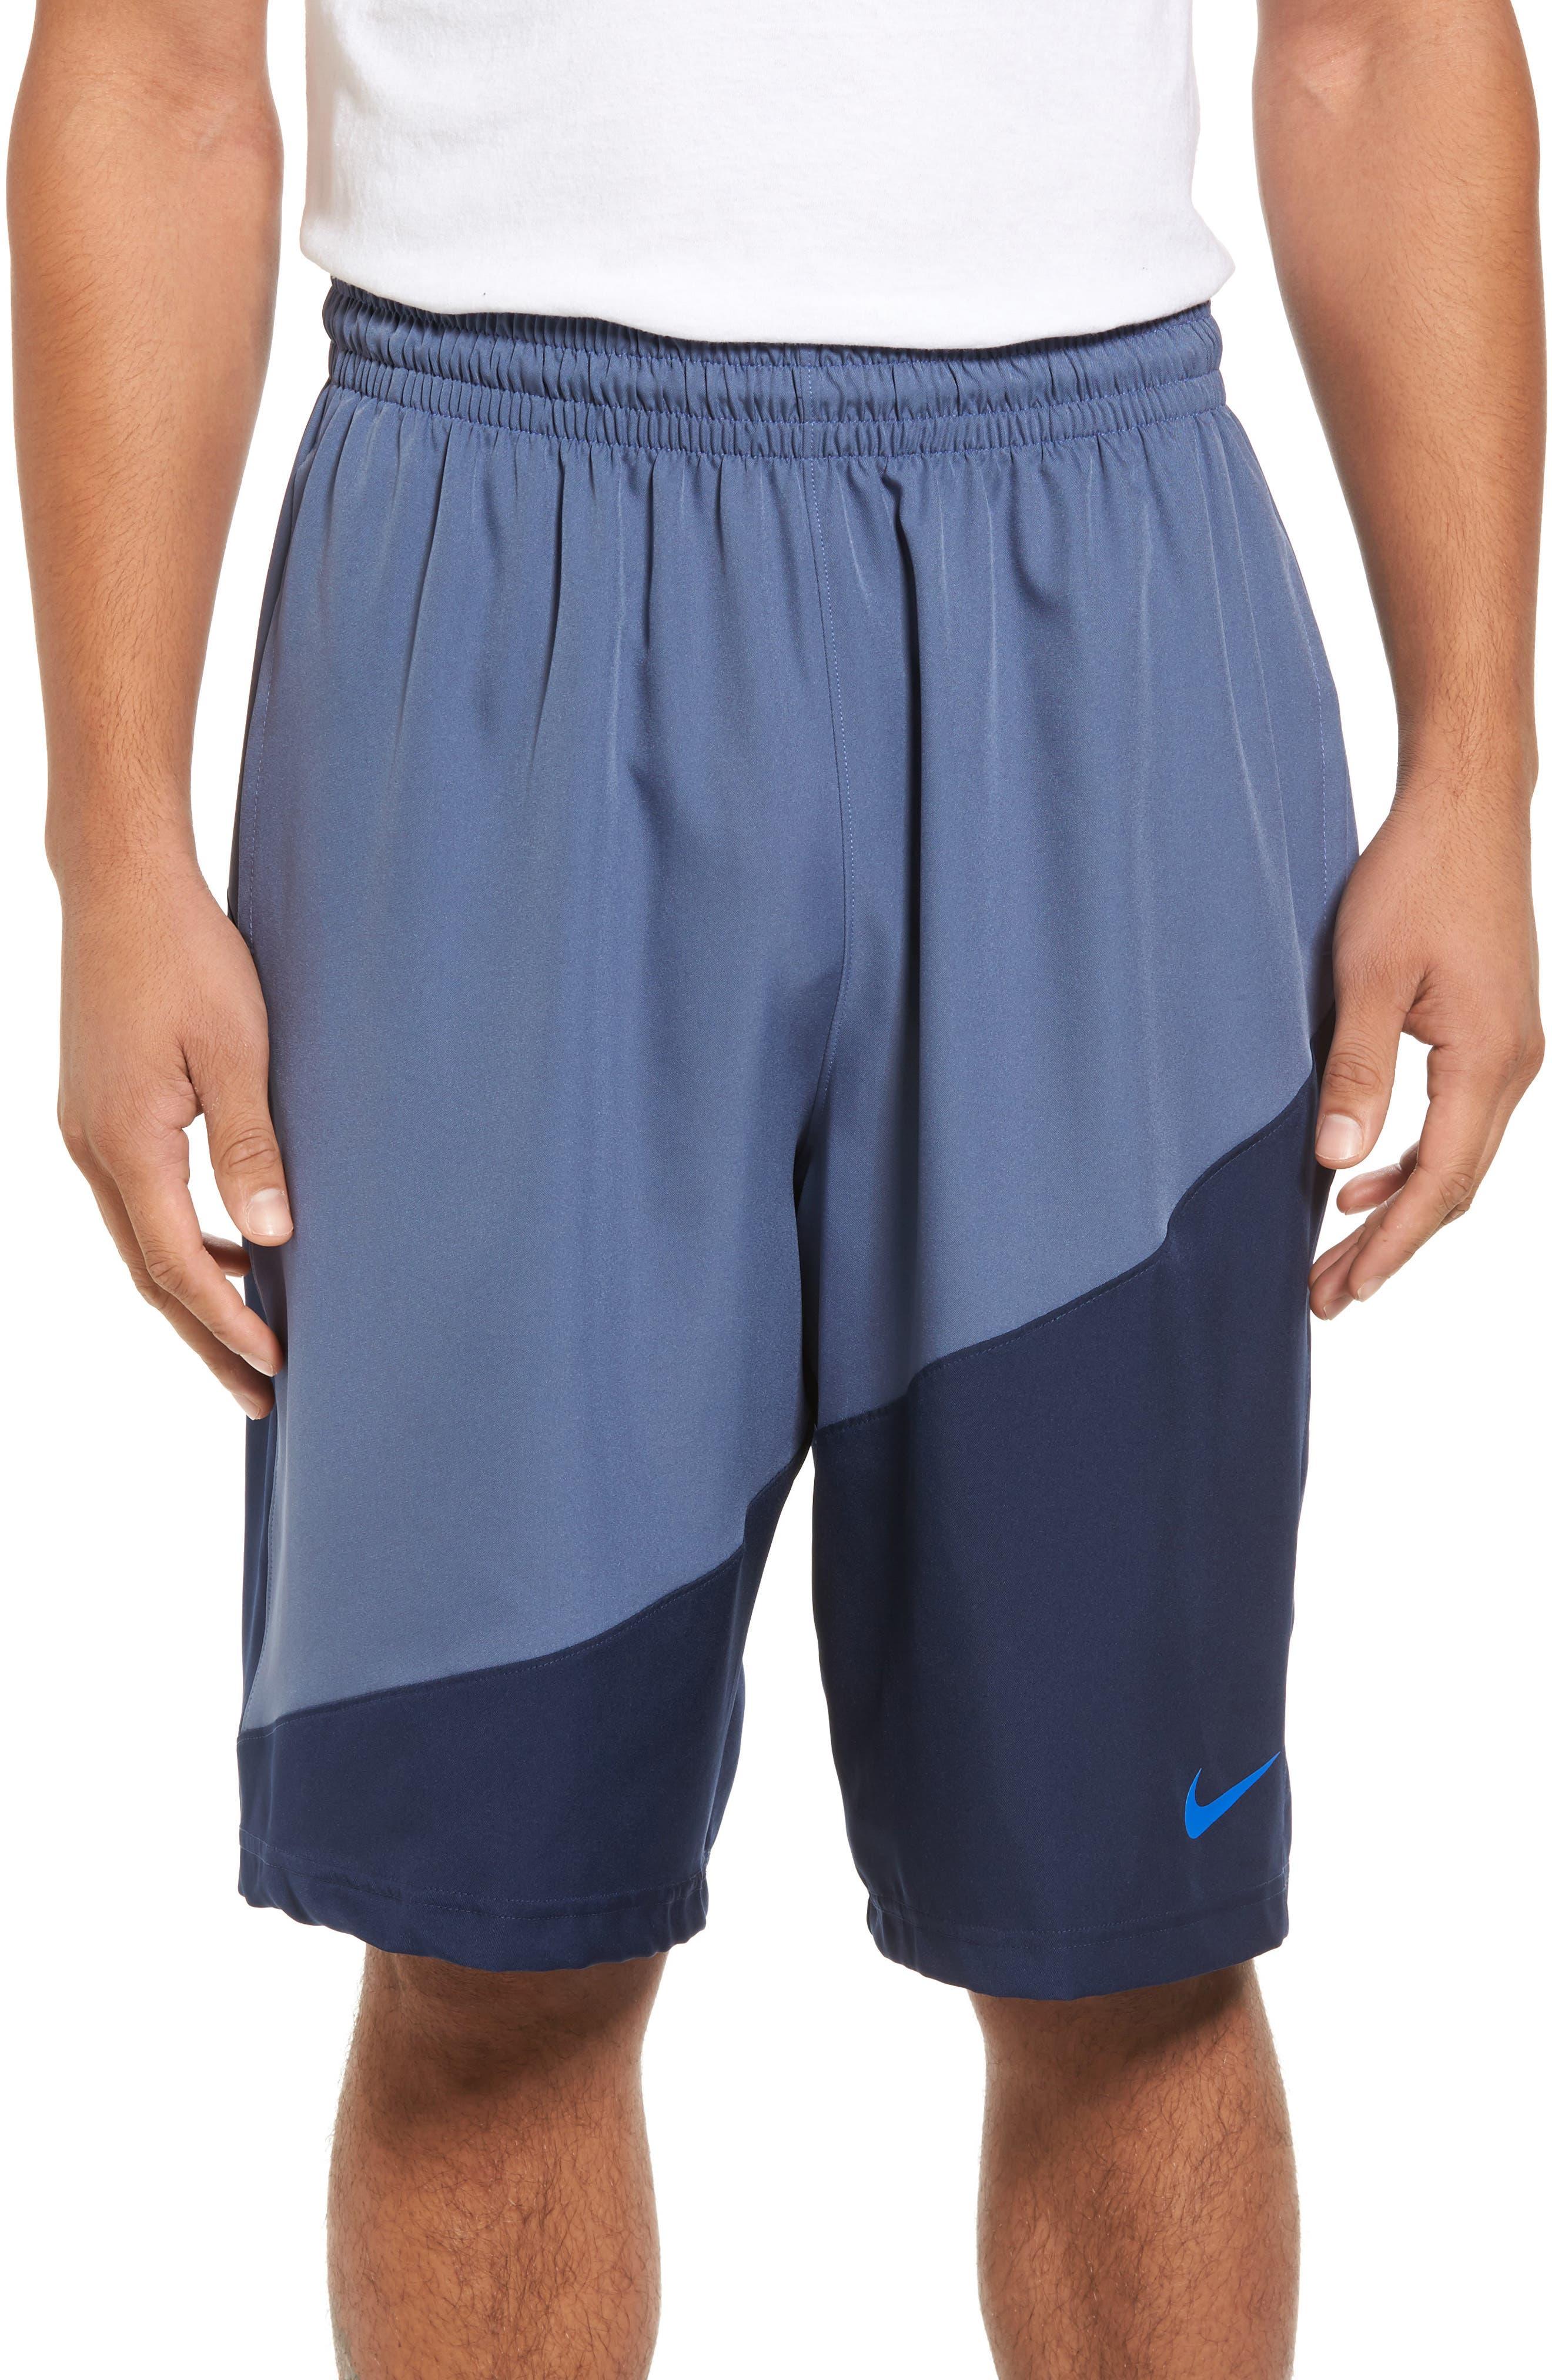 Alternate Image 1 Selected - Nike Dry Shorts